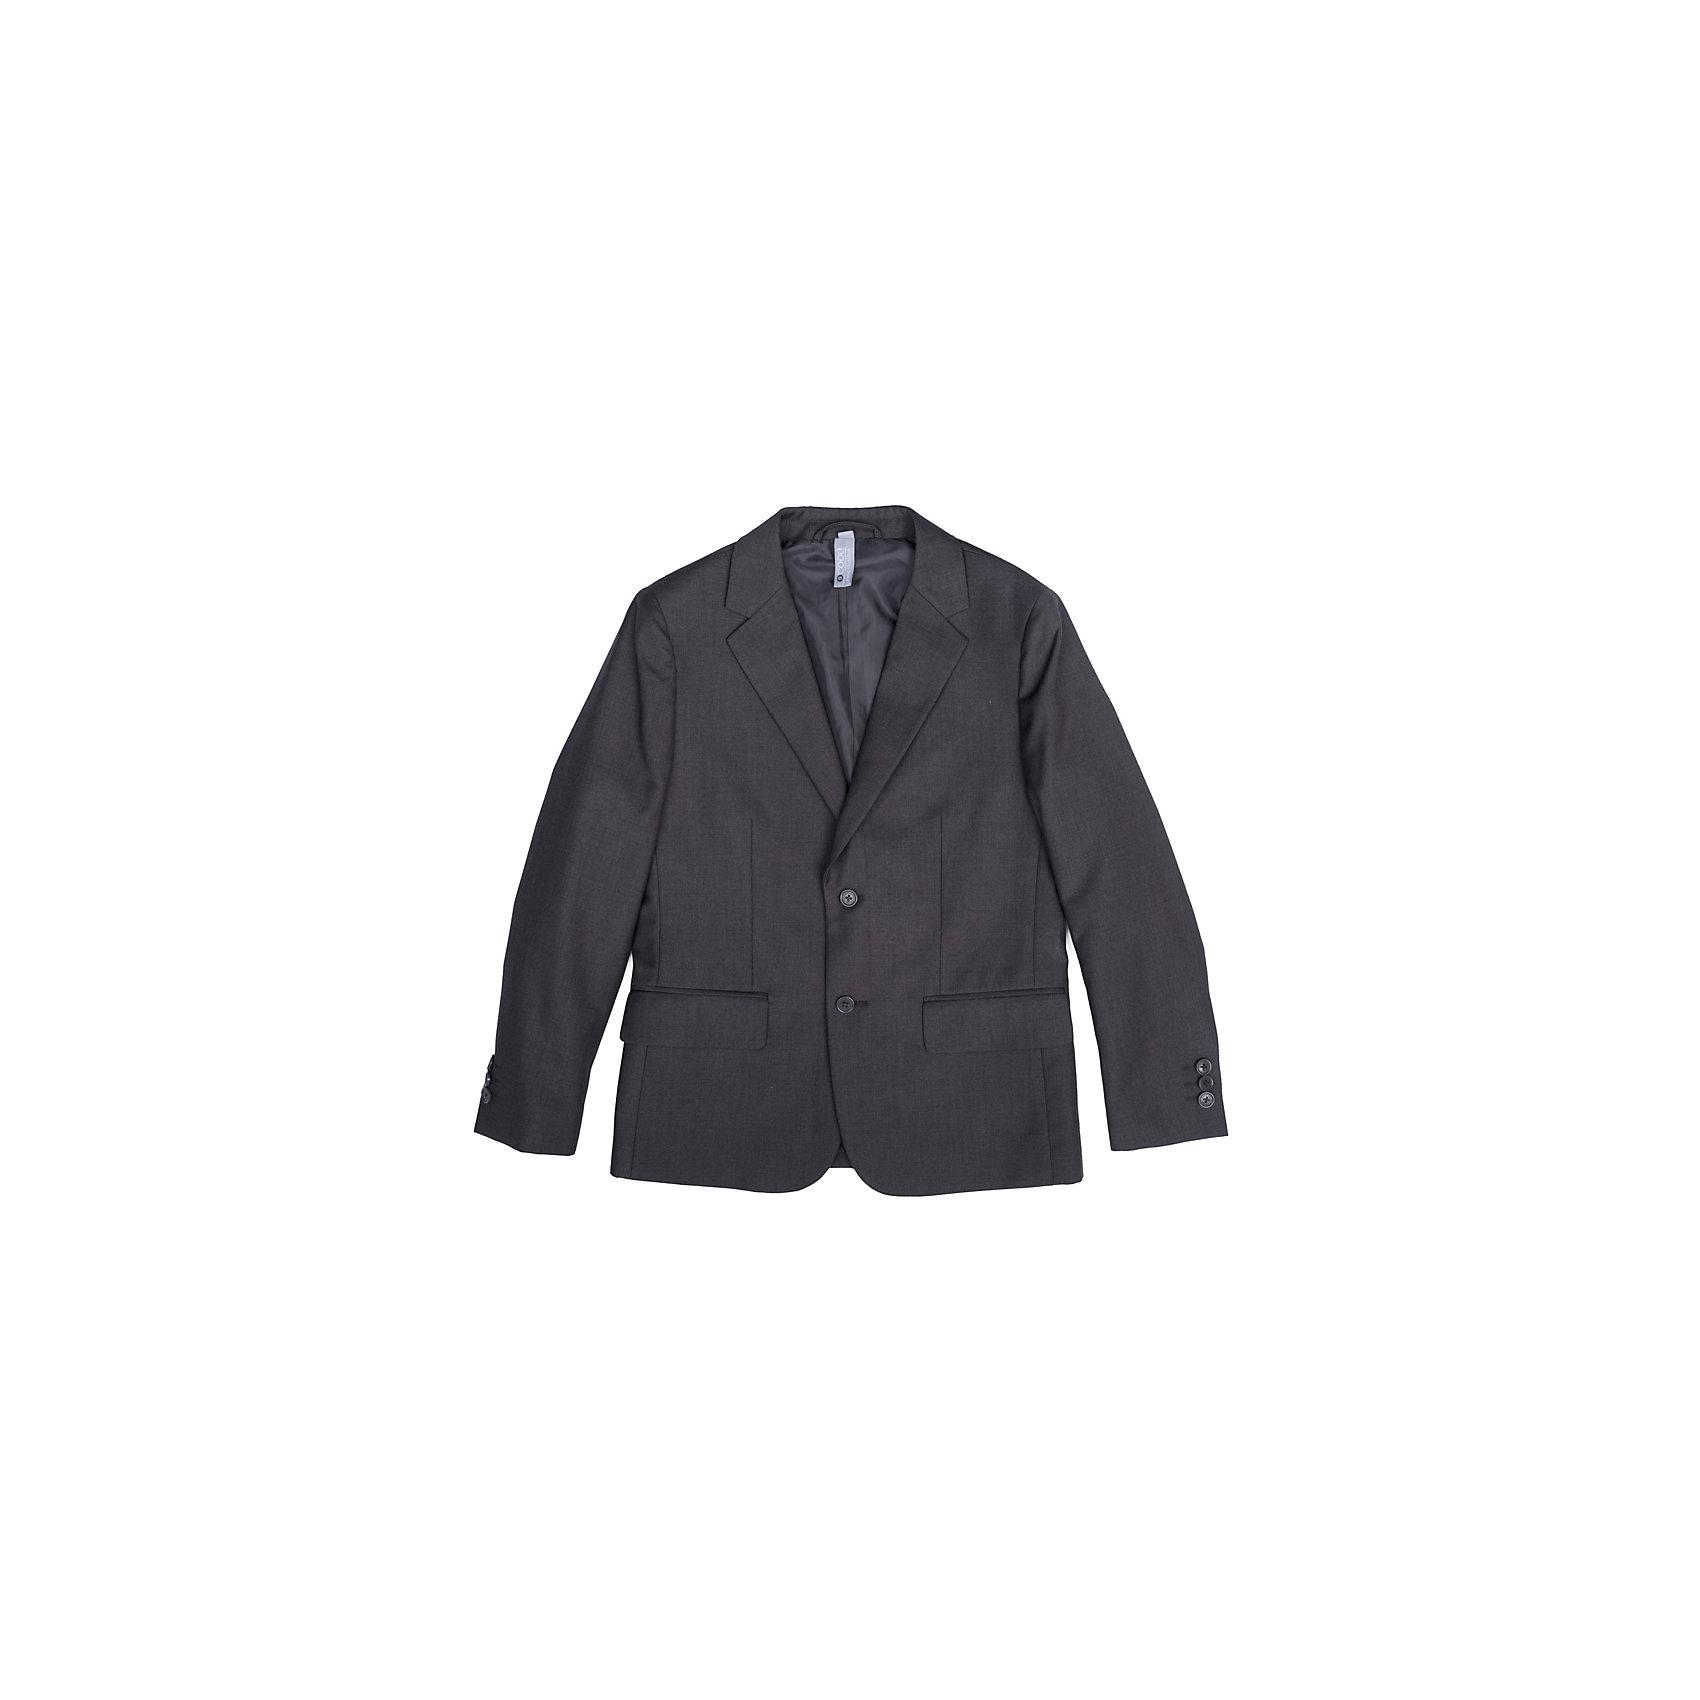 Пиджак  для мальчика ScoolКостюмы и пиджаки<br>Пиджак  для мальчика Scool<br>Однобортный пиджак подойдет как для официальных мероприятий, так и в качестве одной из базовых вещей школьного гардероба. Лекало модели полностью повторяет лекало пиджака для взрослого мужчины. При необходимости этот пиджак можно повесить на крючок - на модели предусмотрена петля - вешалка.Преимущества: Пиджак на подкладке из атласной тканиМодель с прорезными карманамиПиджак застегивается на пуговицы<br>Состав:<br>Верх: 65% полиэстер, 35% вискоза, Подкладка: 65% полиэстер 35% вискоза<br><br>Ширина мм: 190<br>Глубина мм: 74<br>Высота мм: 229<br>Вес г: 236<br>Цвет: серый<br>Возраст от месяцев: 156<br>Возраст до месяцев: 168<br>Пол: Мужской<br>Возраст: Детский<br>Размер: 164,122,128,134,140,146,152,158<br>SKU: 6754390